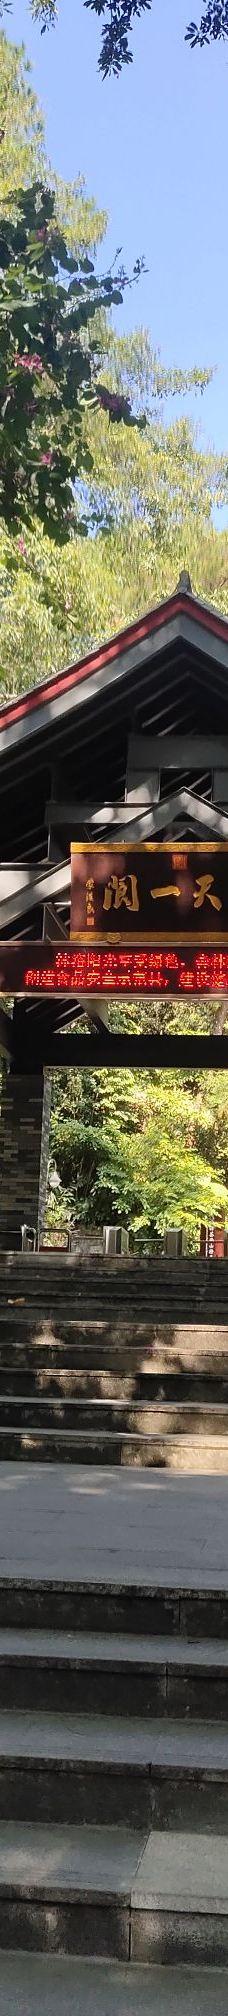 西山风景名胜区-桂平